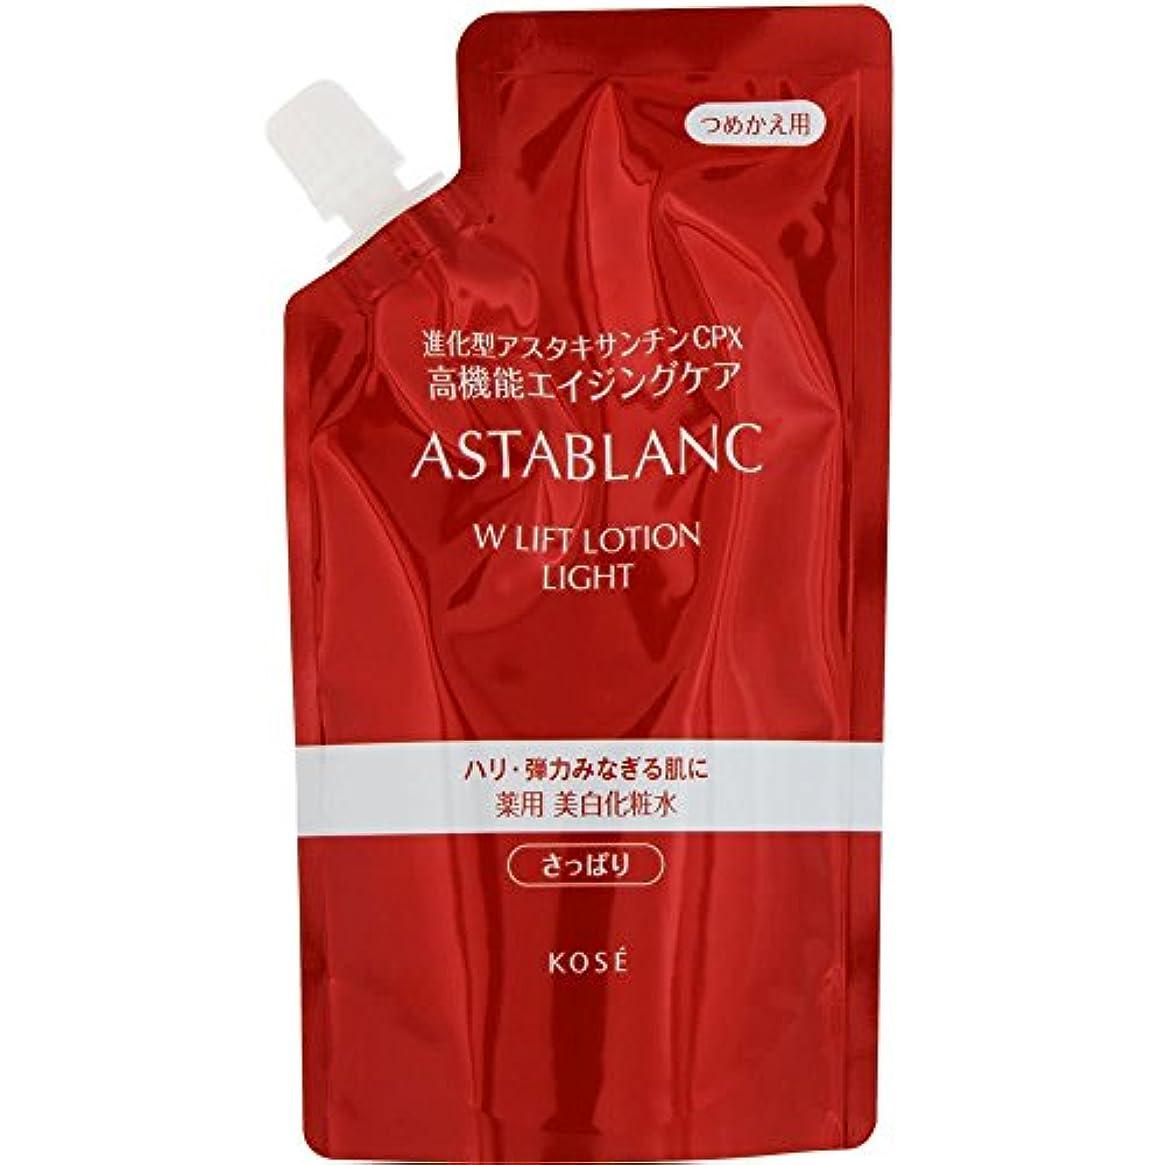 同行均等に宣伝ASTABLANC(アスタブラン) アスタブラン Wリフト ローション さっぱり 化粧水 詰替え用 130mL